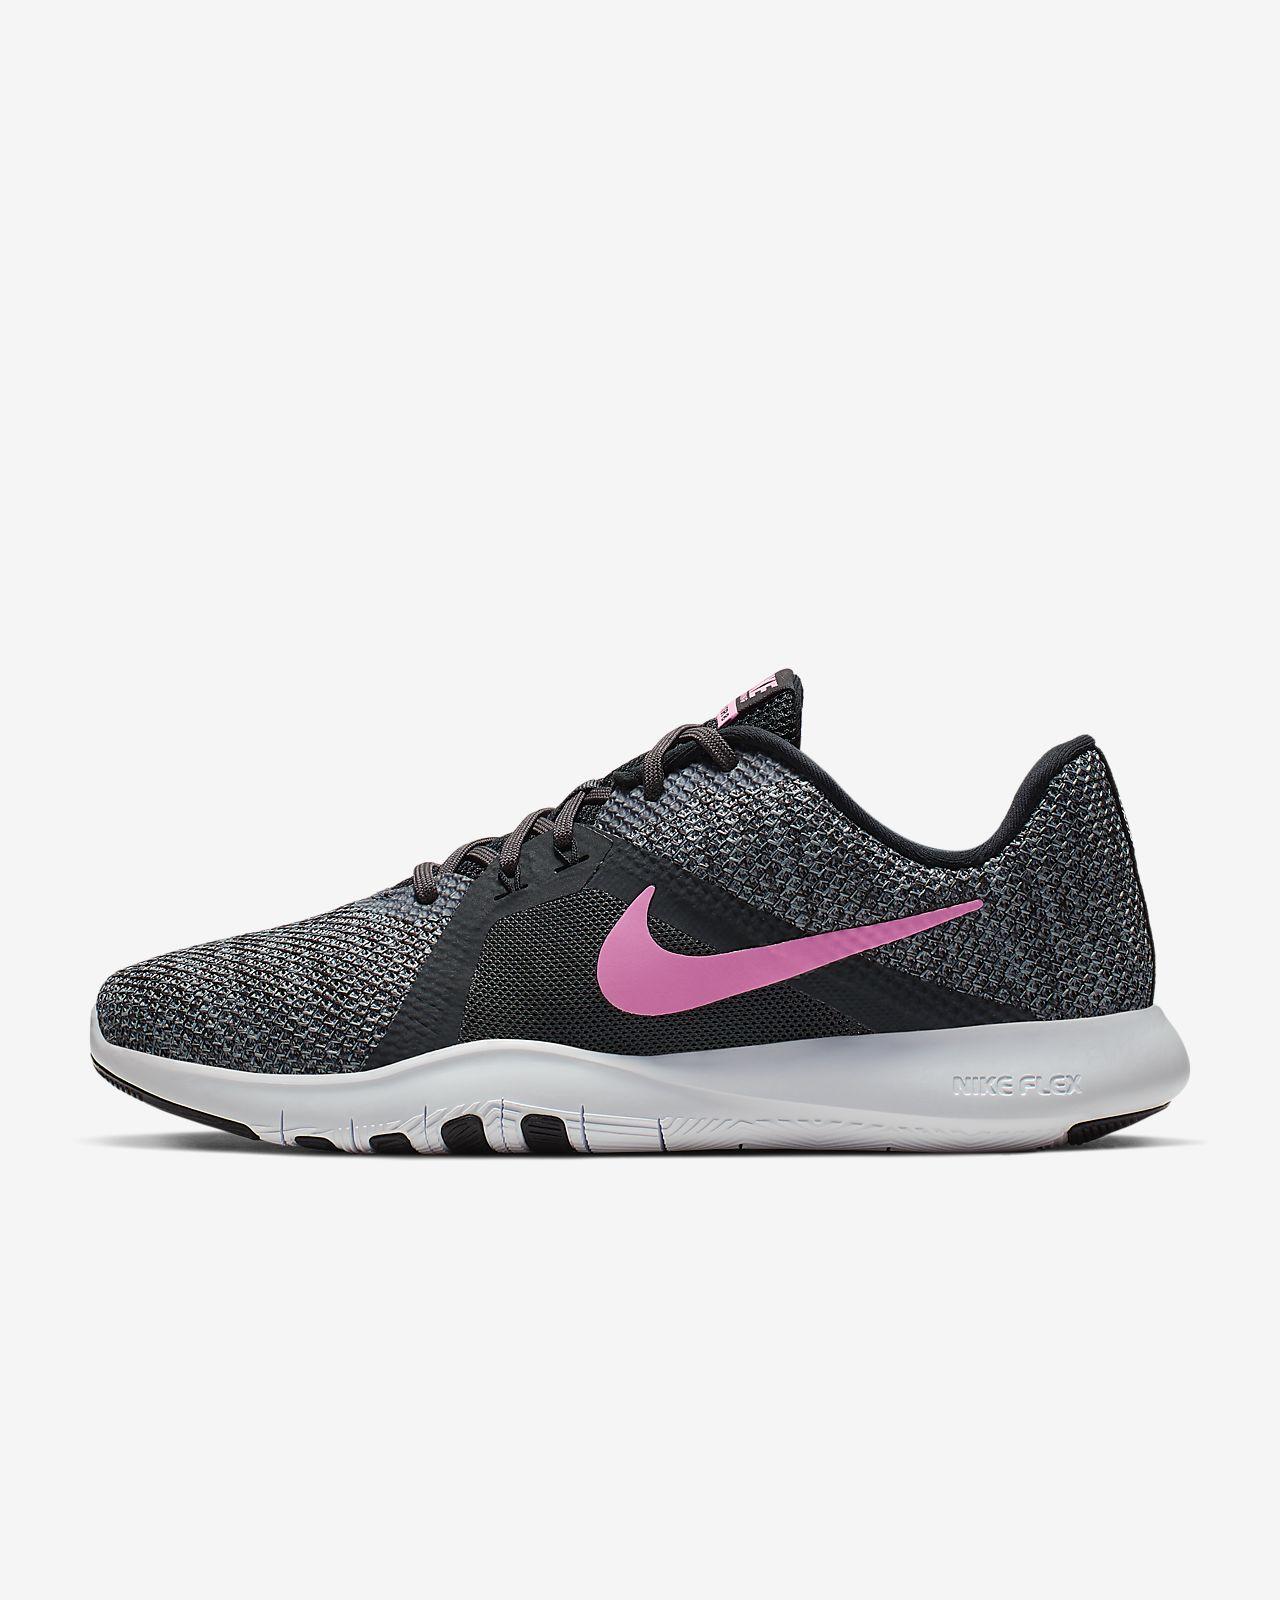 a722f8d3d8324 Damskie buty treningowe Nike Flex TR8. Nike.com PL